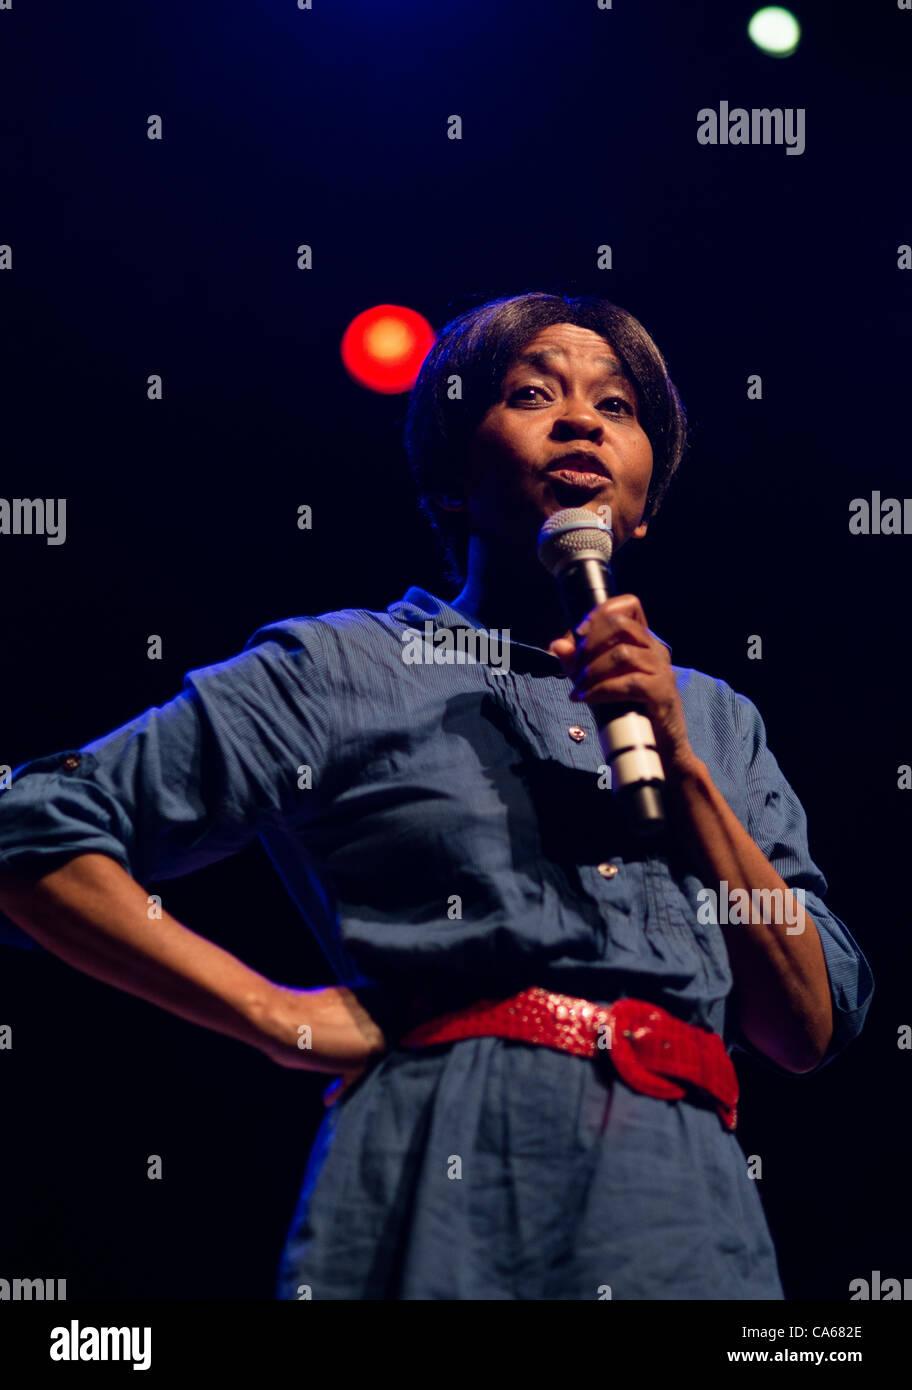 London, UK. 13 June, 2012. Valerie Bloom performing at POEM 2012 Poetry Olympics, Queen Elizabeth Hall - Stock Image